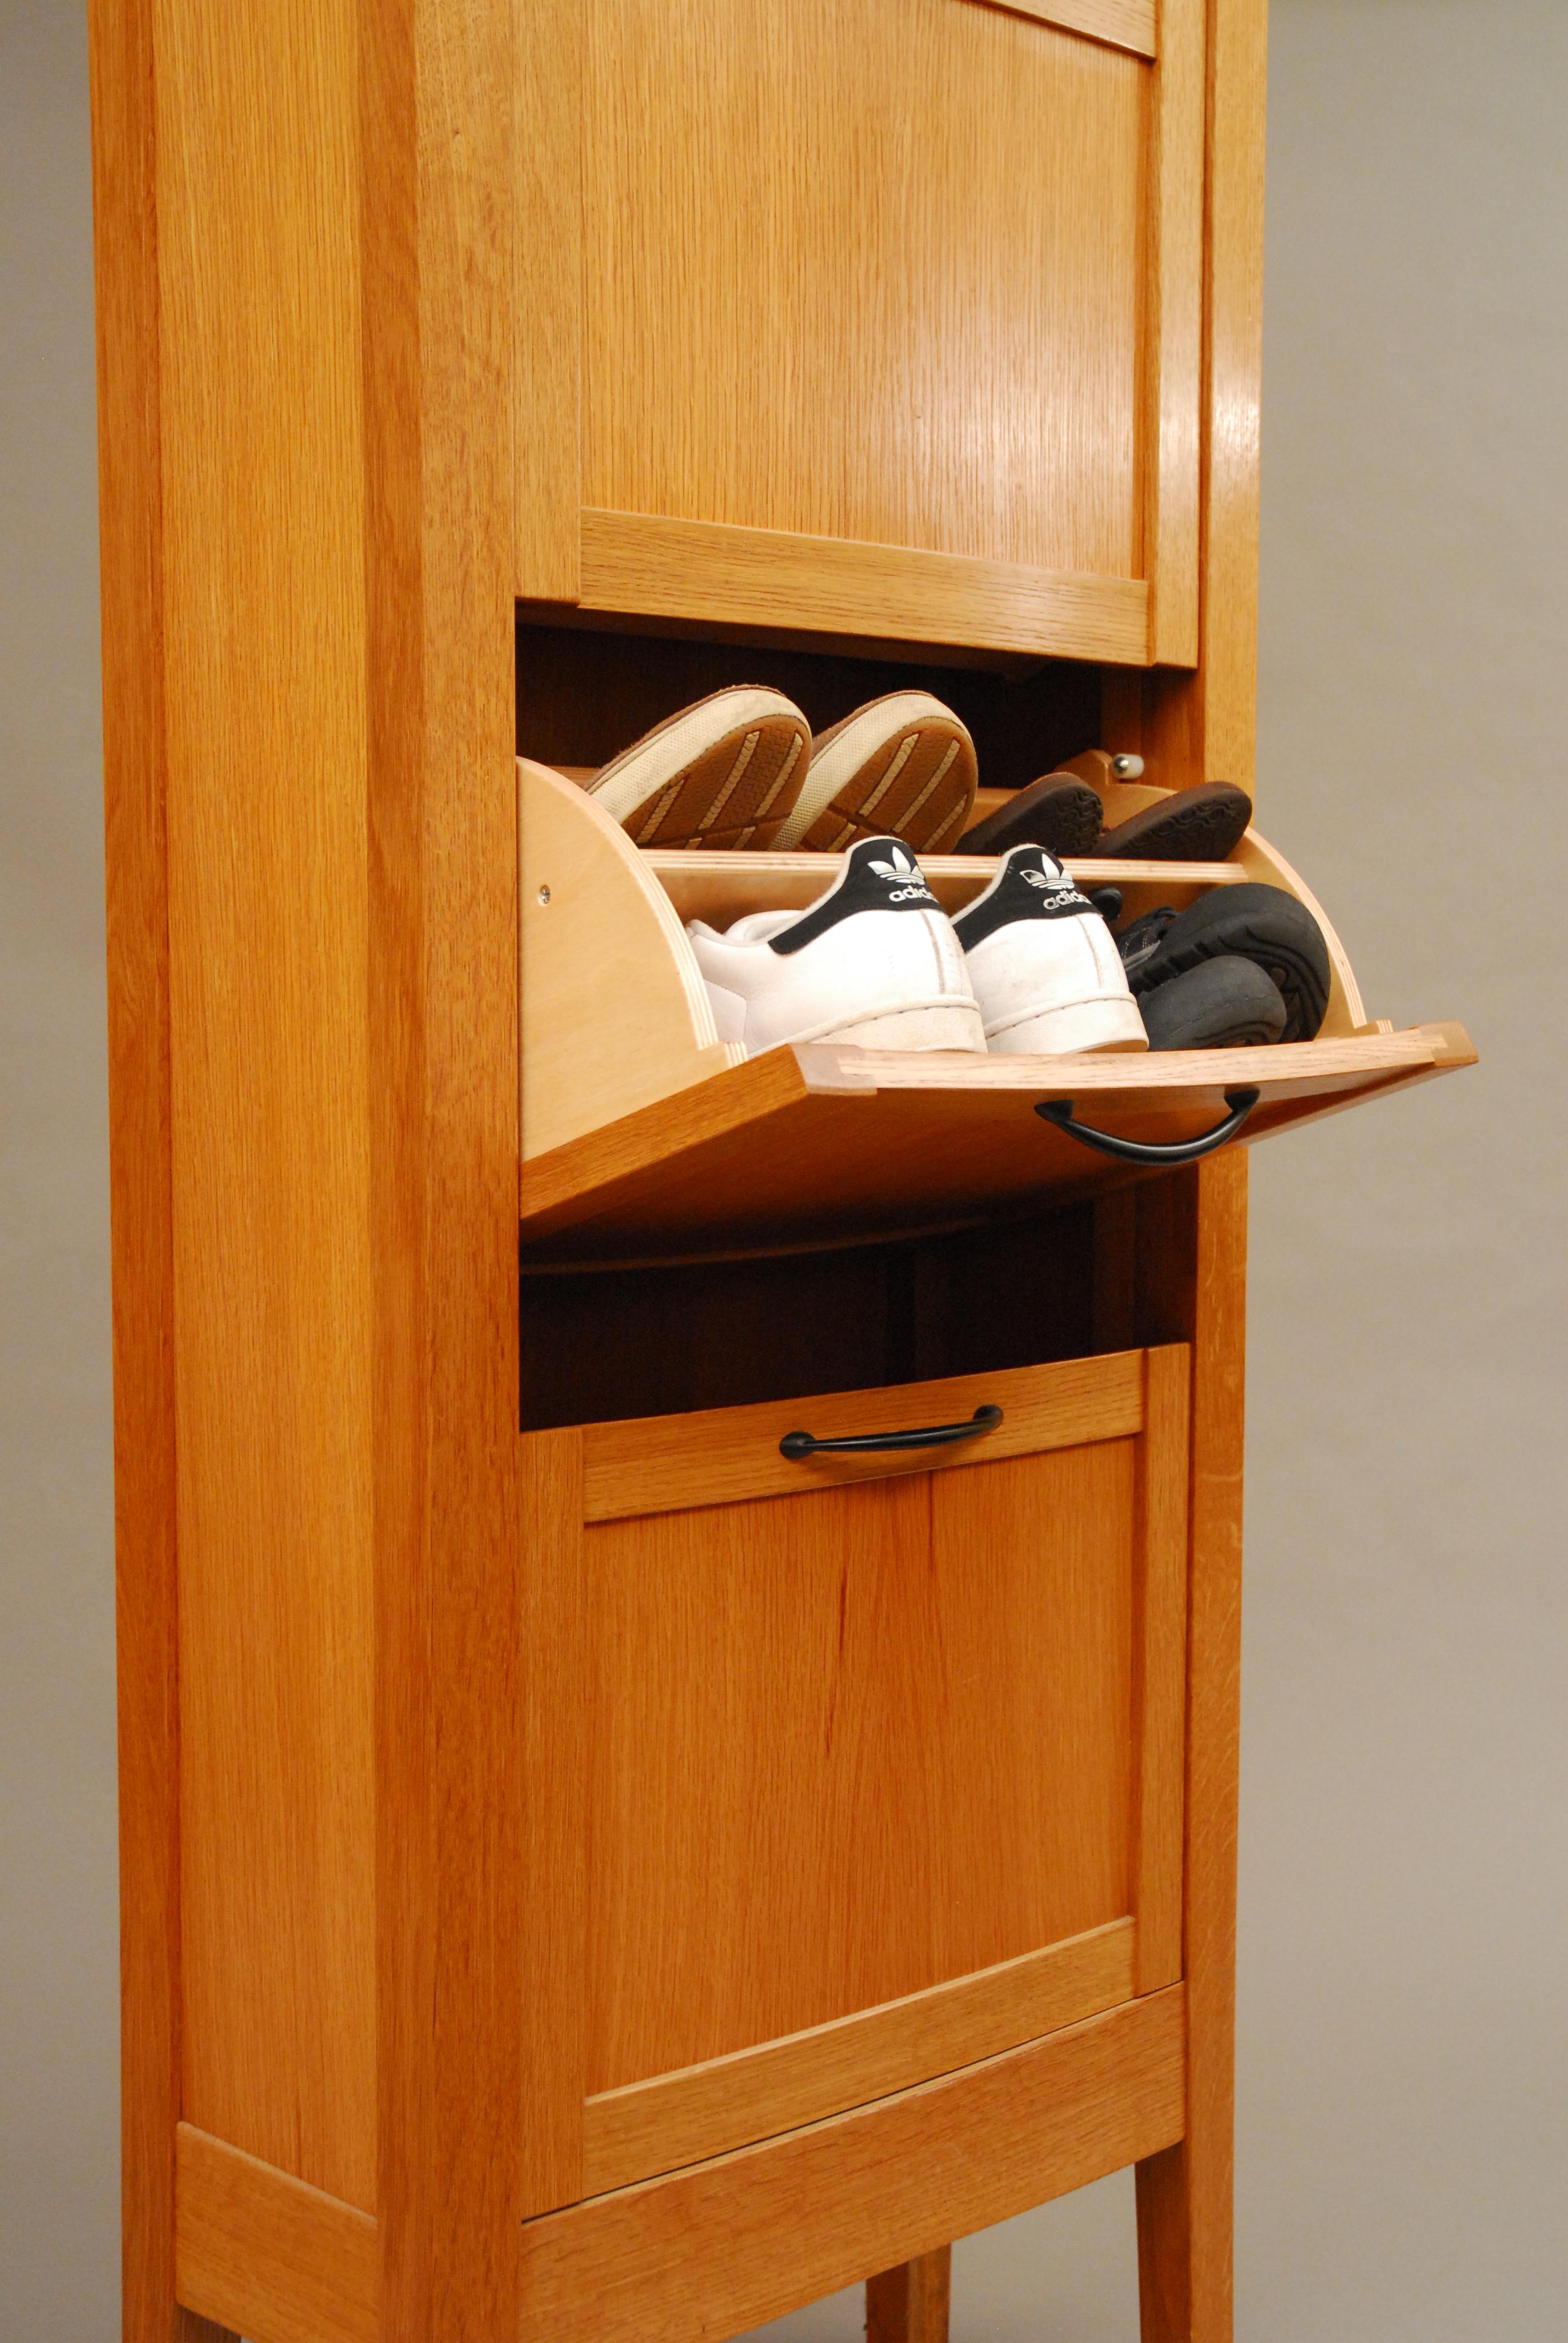 Schuhschrank door detail